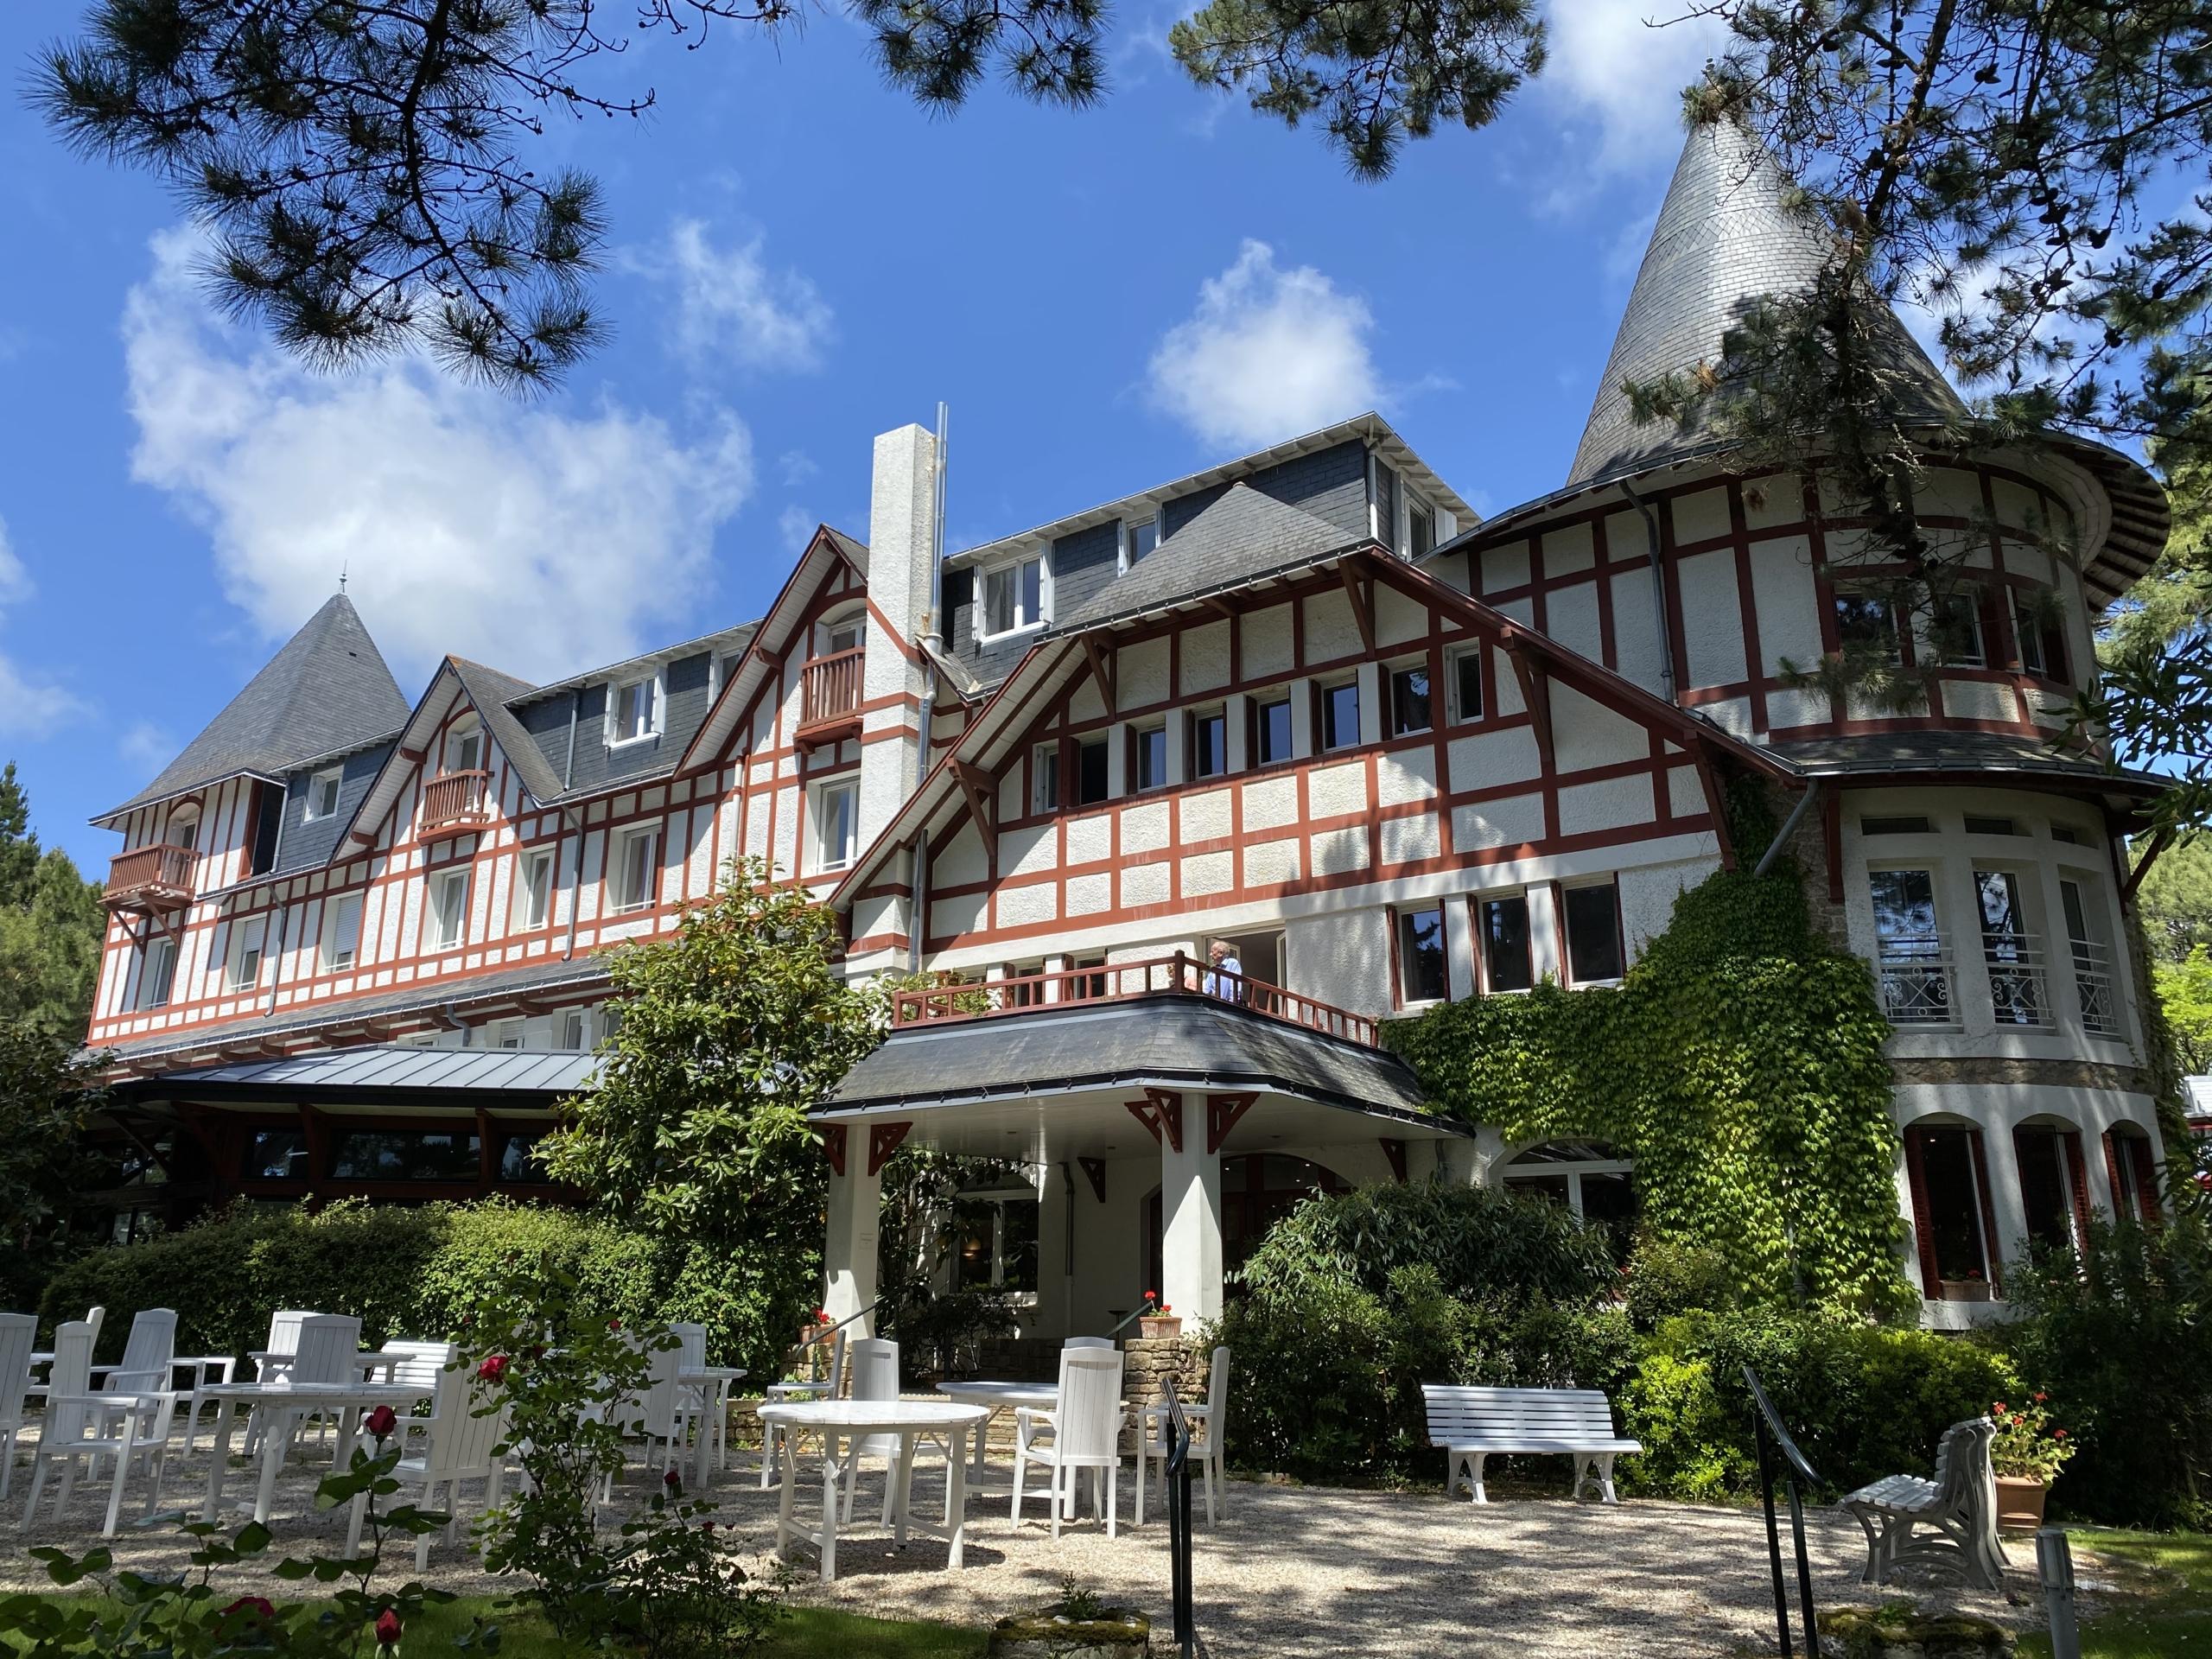 rénovation de l'hôtel Les Pléiades situé au cœur de la baie de La Baule - Mileade